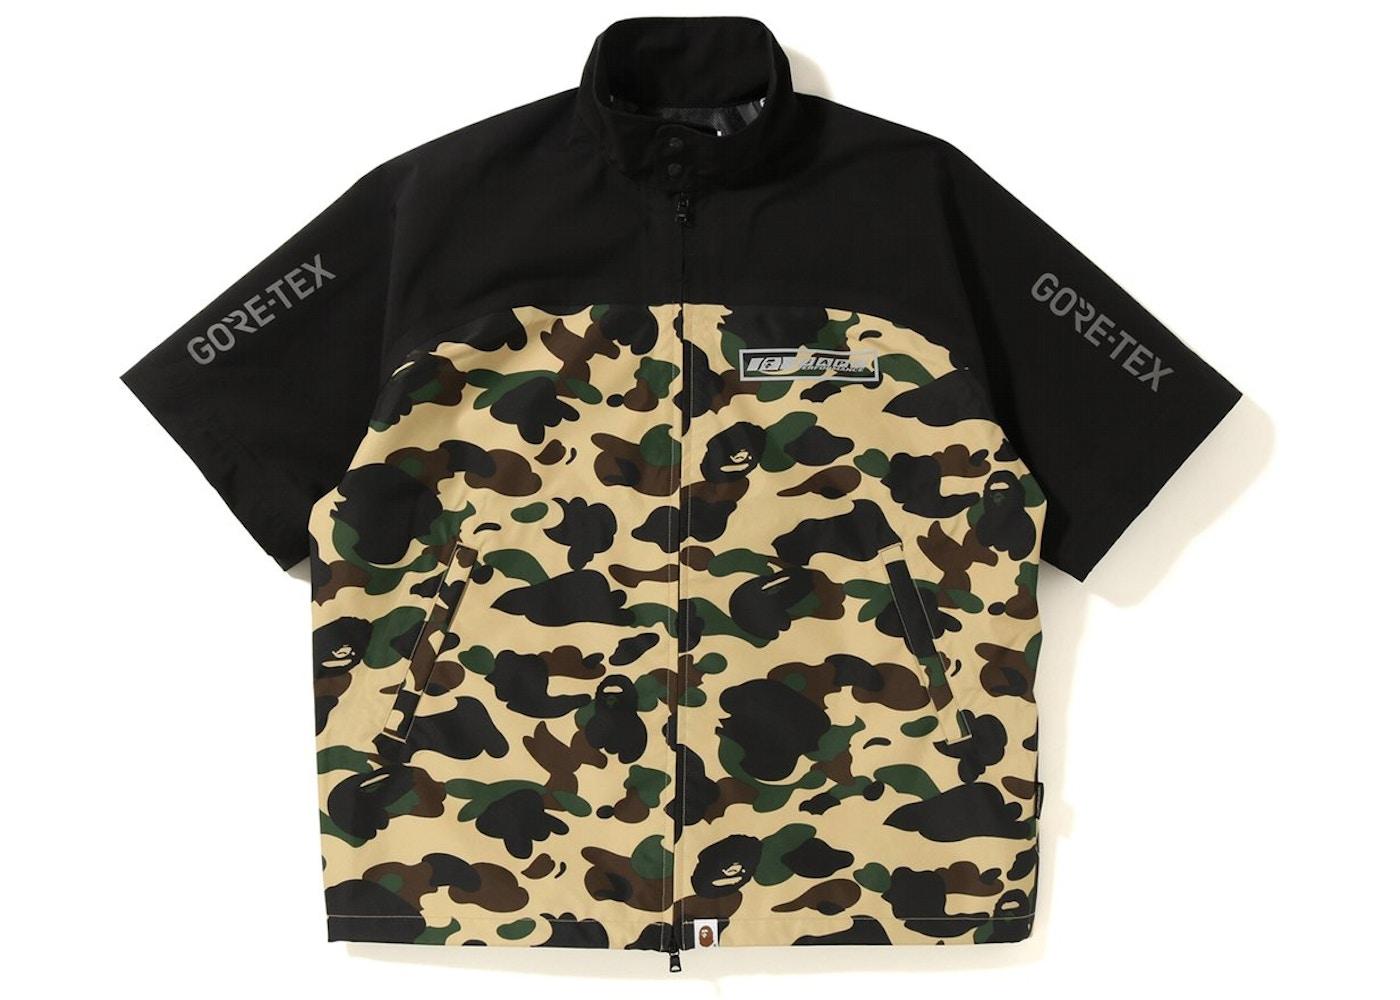 dcf61e11 Streetwear - Bape Jackets - Release Date